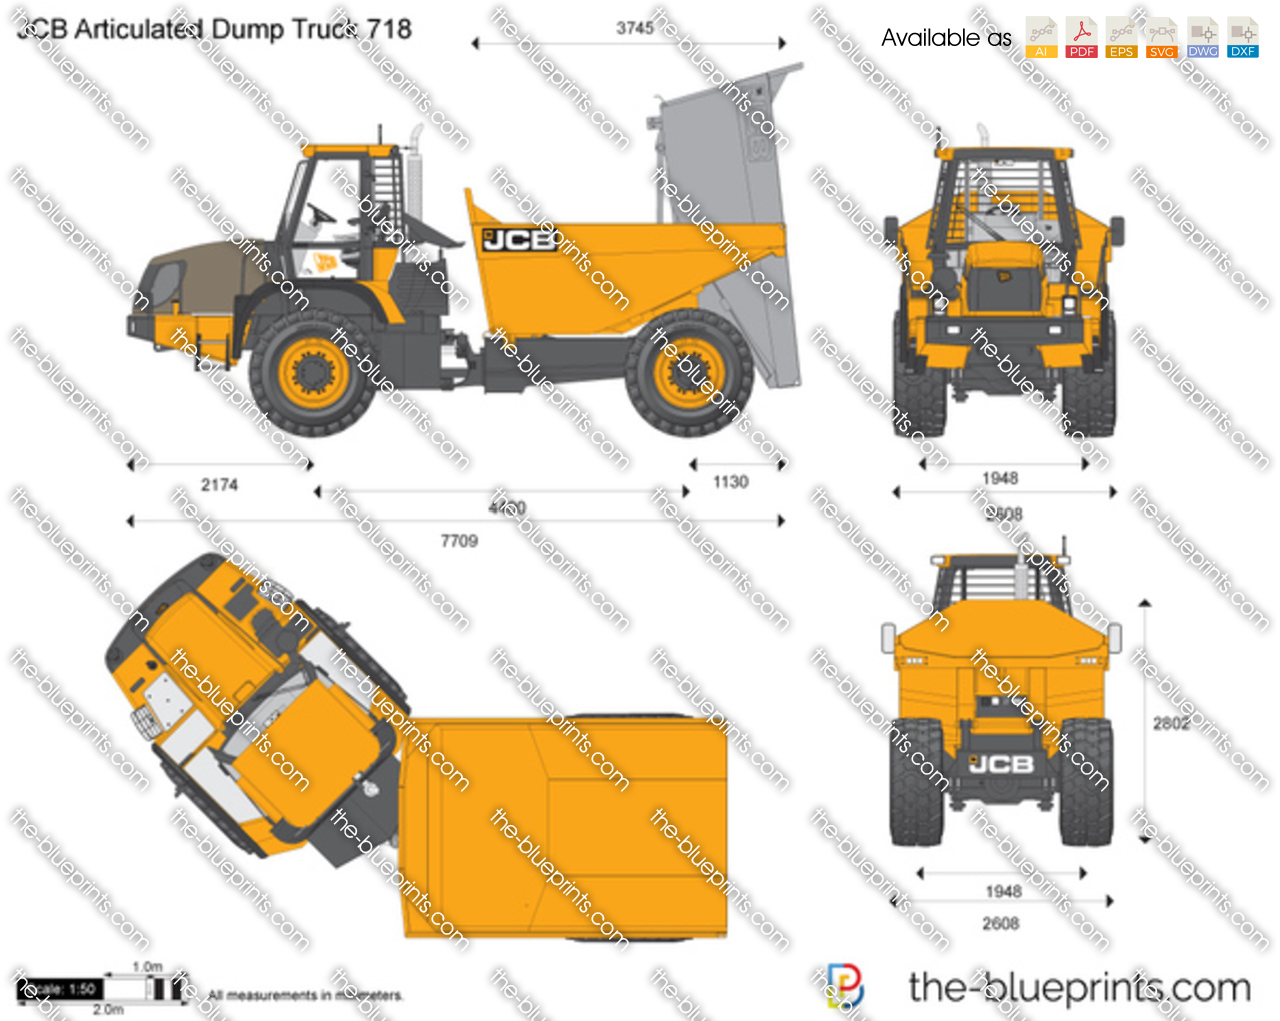 JCB 718 Articulated Dump Truck